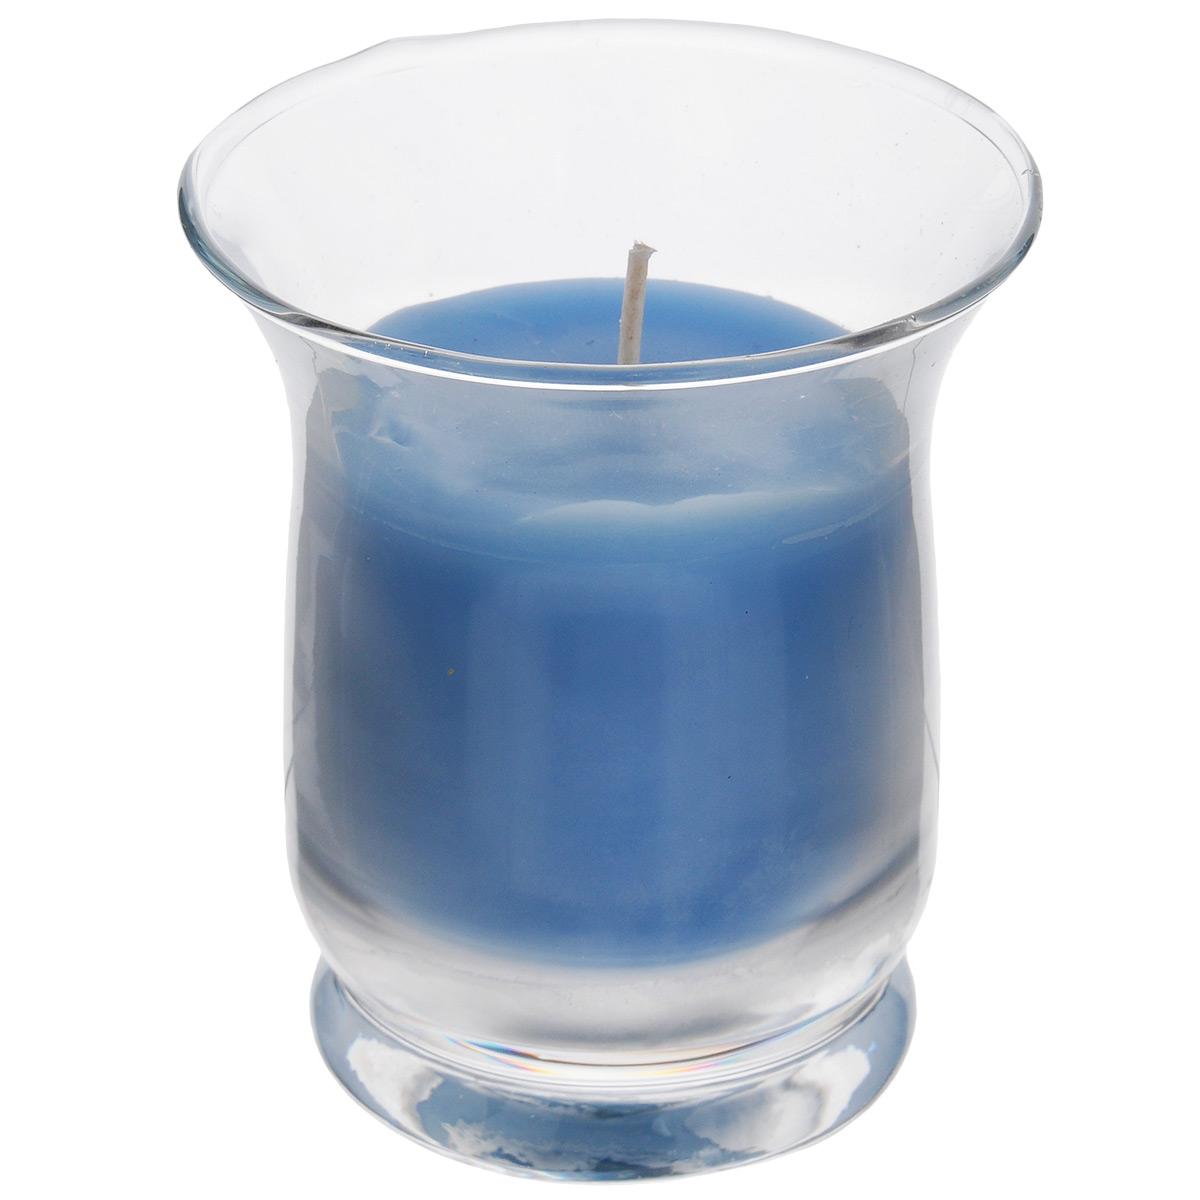 Свеча ароматизированная Sima-land Романтика, с ароматом океана, высота 7,5 смUP210DFАроматизированная свеча Sima-land Романтика изготовлена из воска и поставляется в стеклянном стакане. Изделие отличается оригинальным дизайном и приятным свежим ароматом. Такая свеча может стать отличным подарком или дополнить интерьер вашей комнаты.